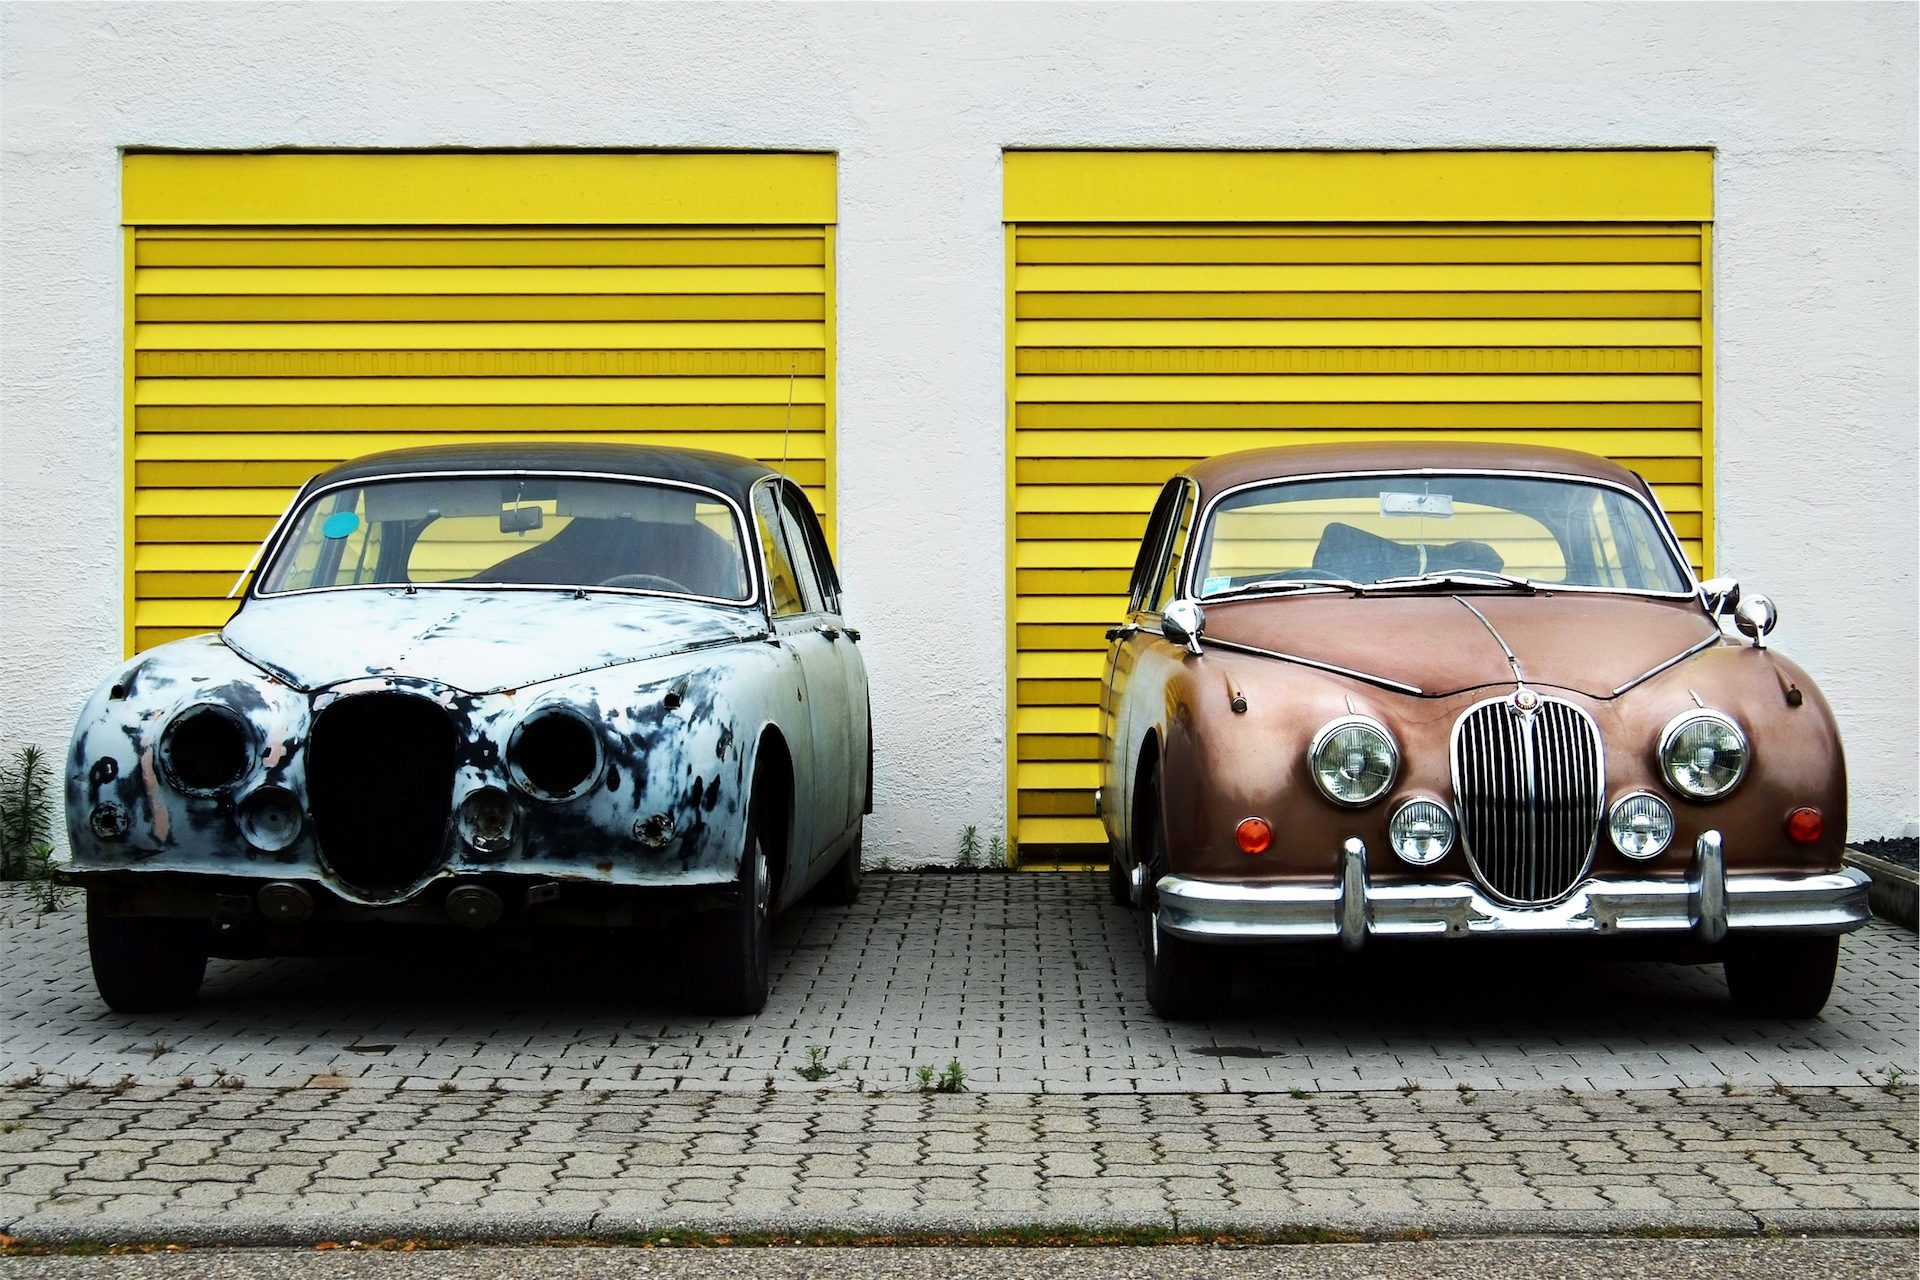 कारें, पुराने, नए सिरे से, विंटेज, clásico - HD वॉलपेपर - प्रोफेसर-falken.com